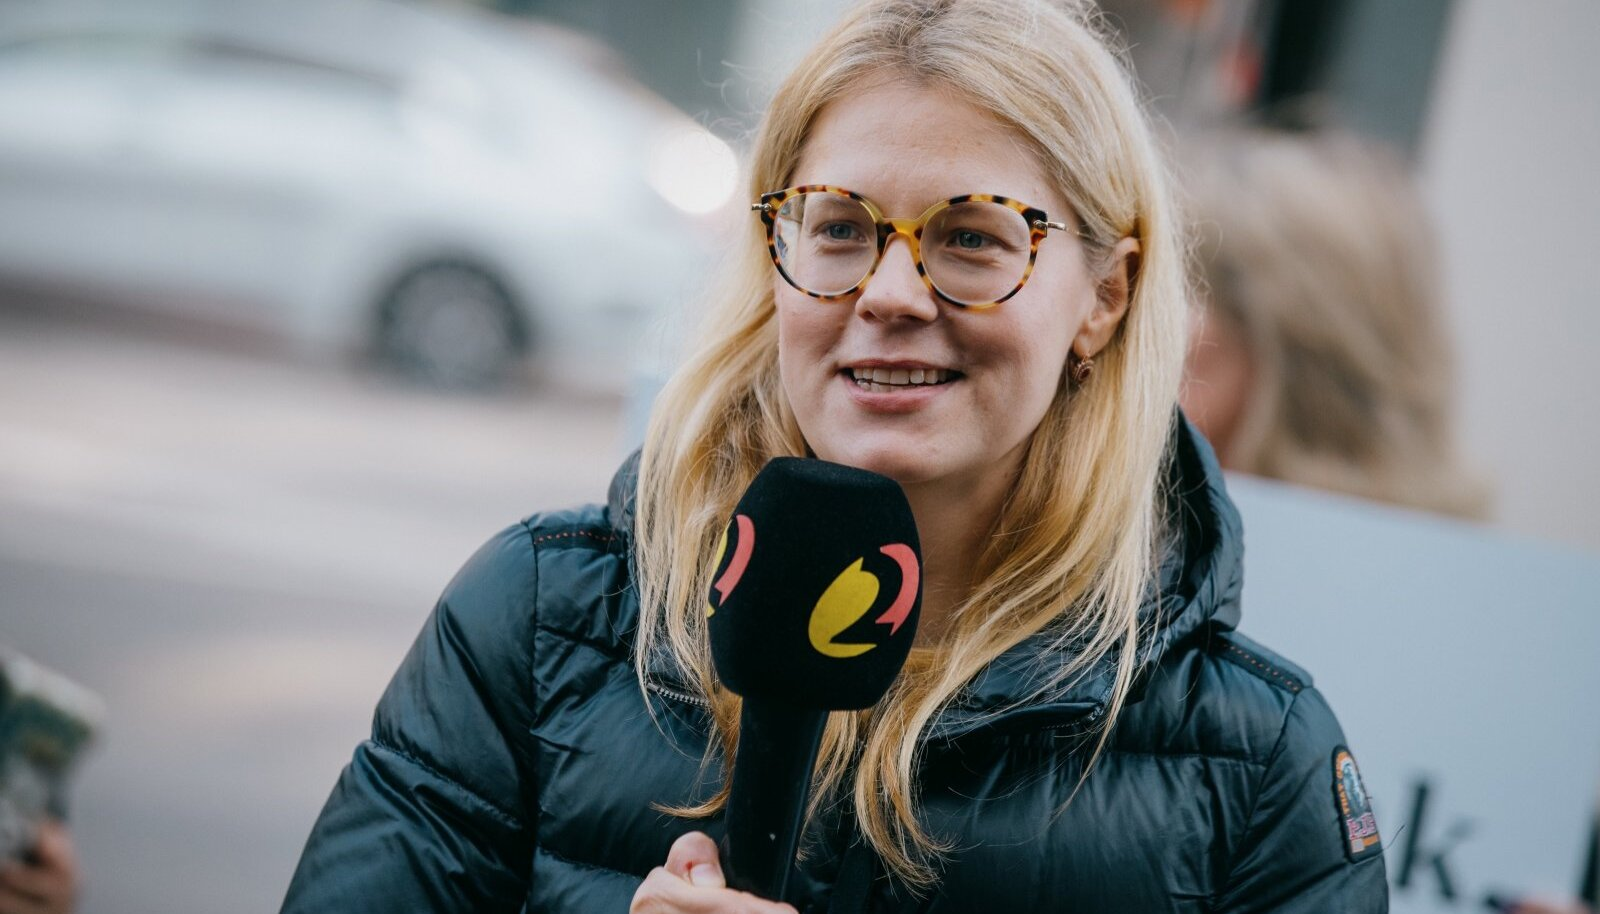 ARMASTATUD JA KARDETUD TELESTAAR: Katrin Lust on teinud endale nime Kuuuurija saatega, kus käsitleb kõikvõimalikke teravaid teemasid.